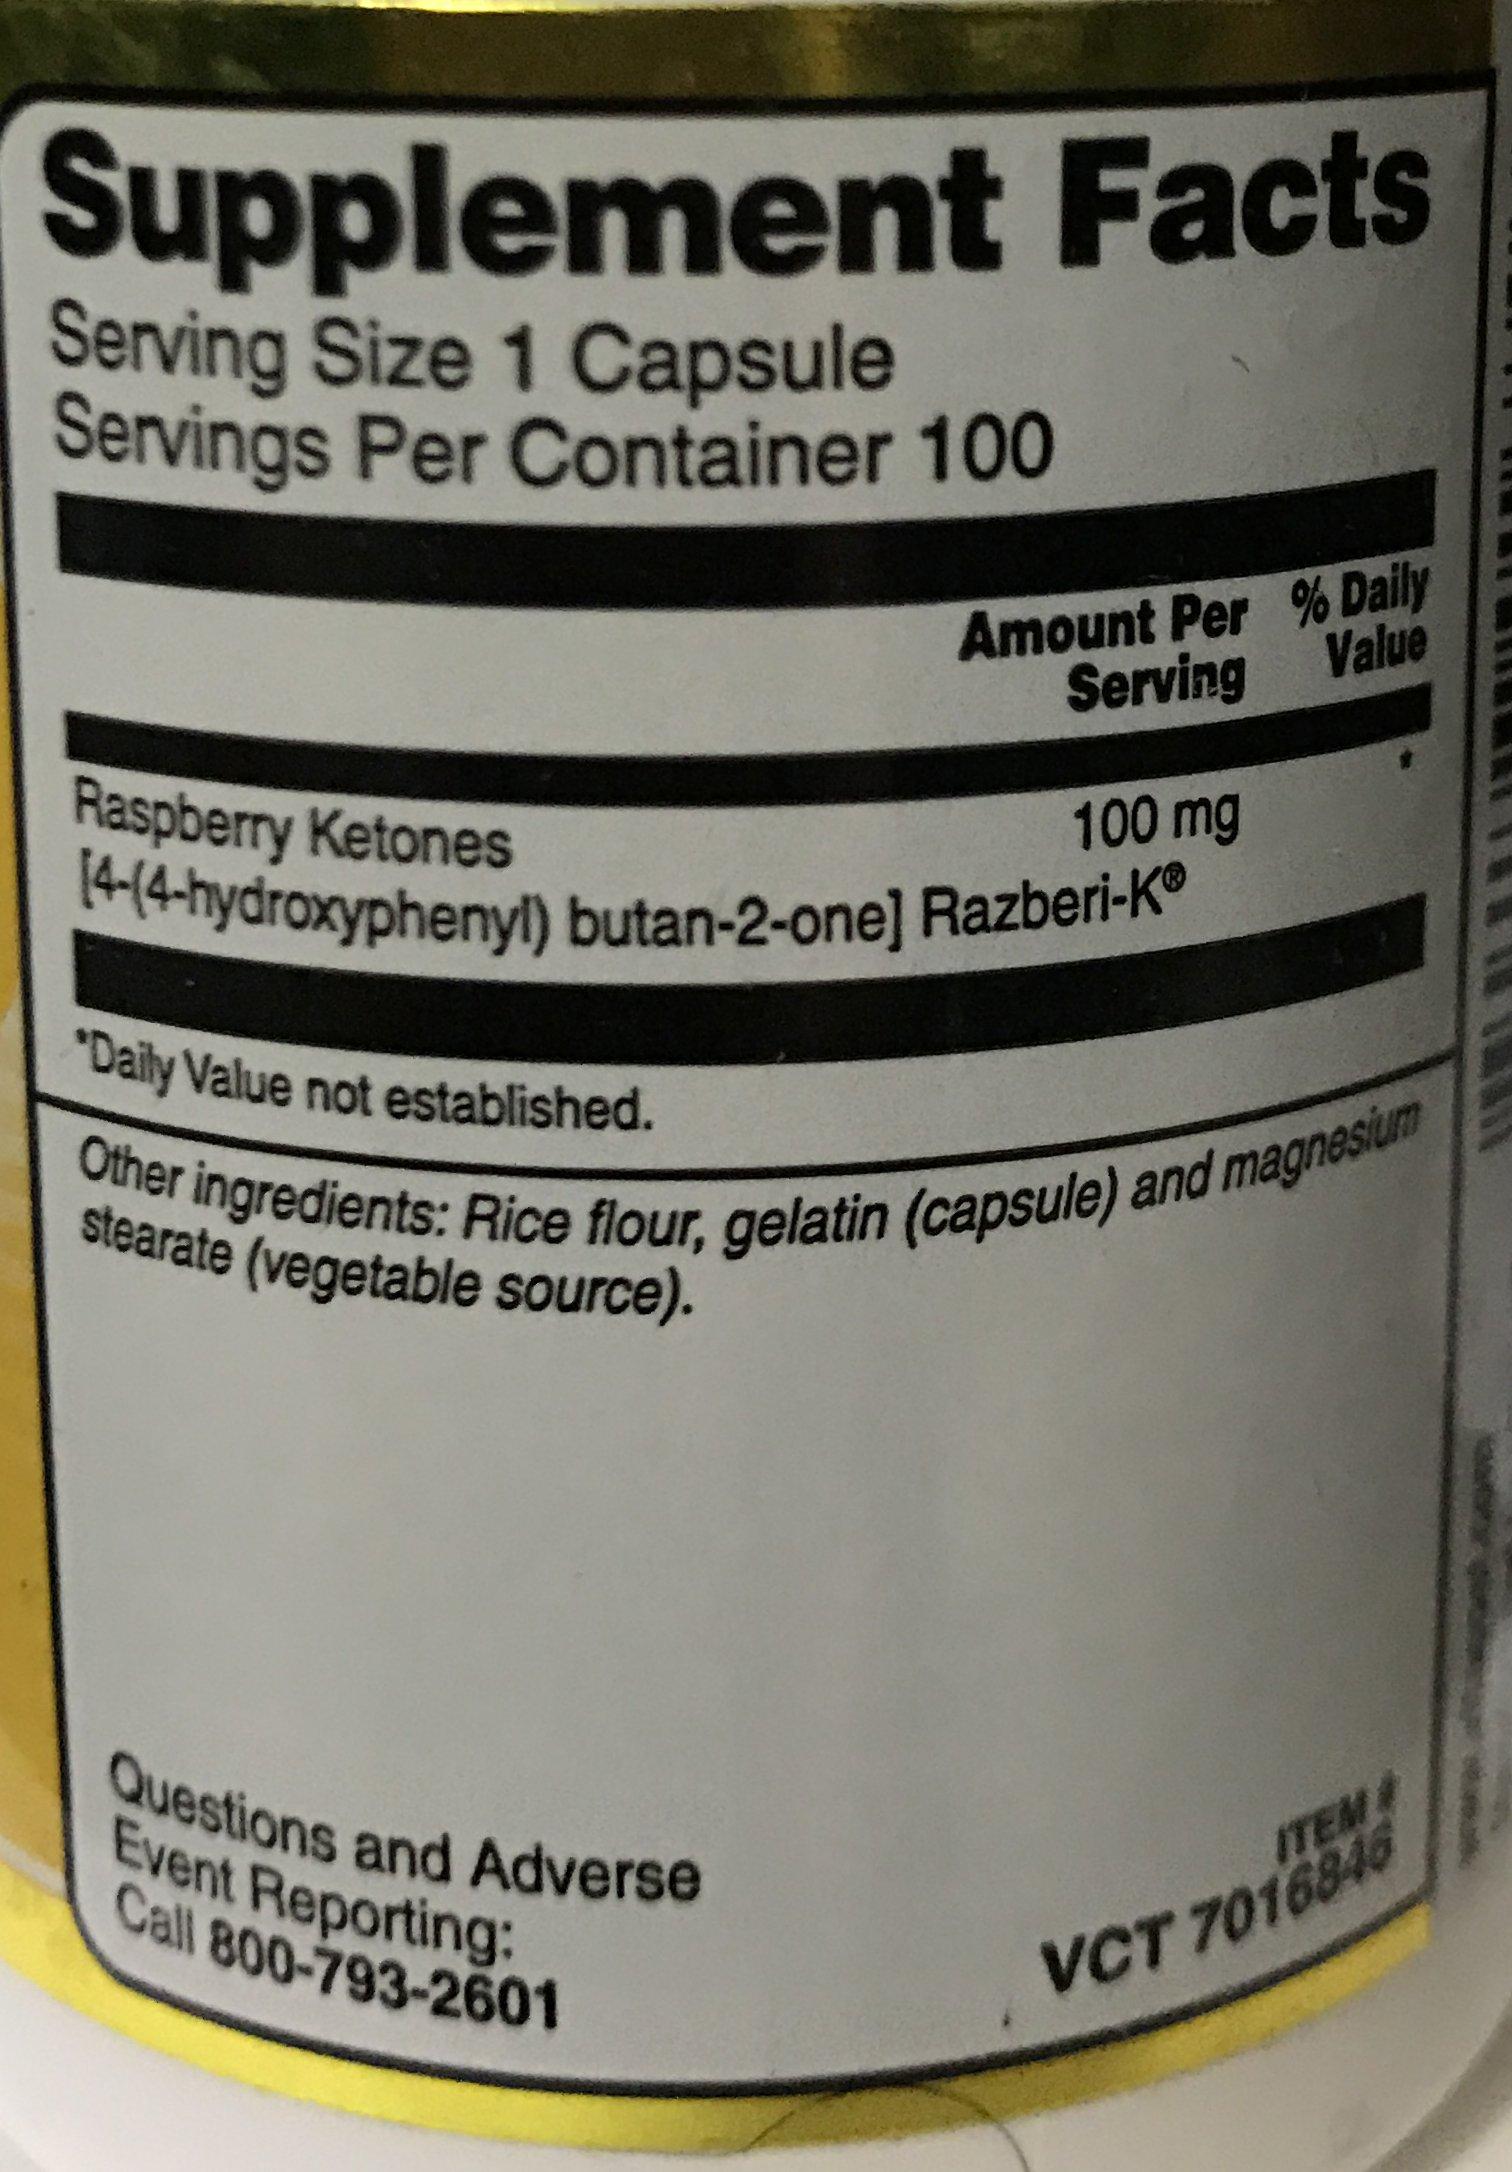 Vitacost Raspberry Ketones Featuring Razberi-K -- 100 mg - 100 Capsules by Vitacost Brand (Image #2)